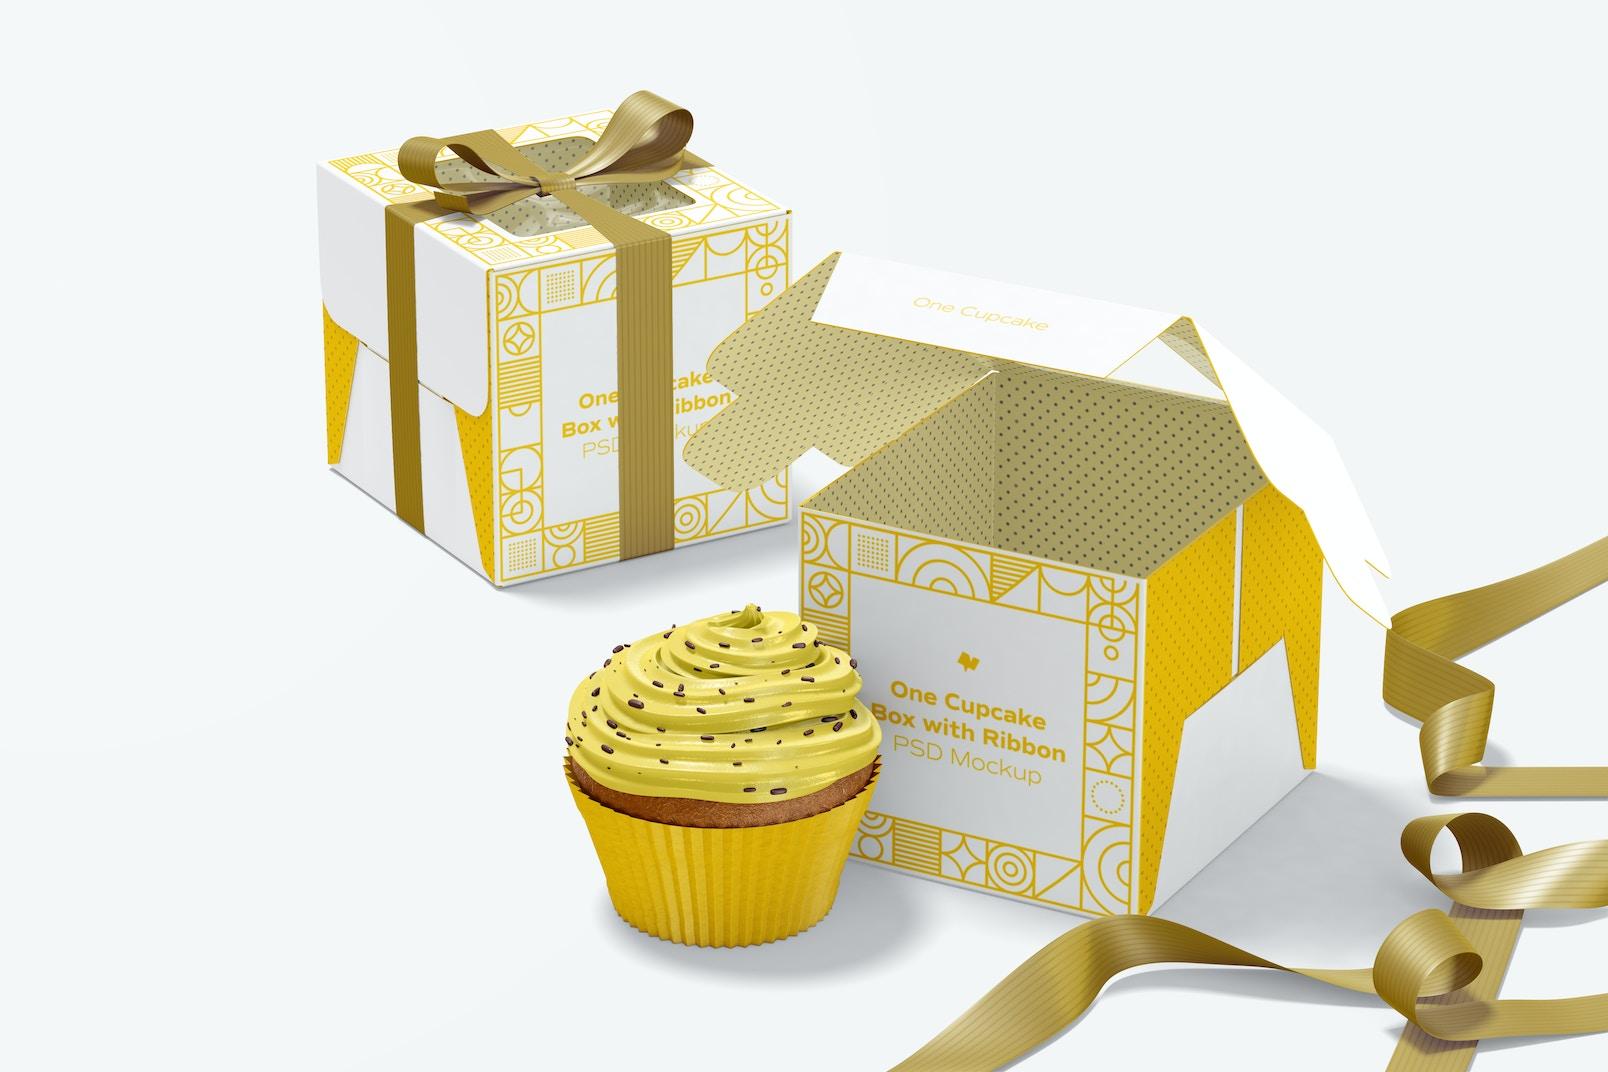 Maqueta de Cajas con Lazo de un Cupcake